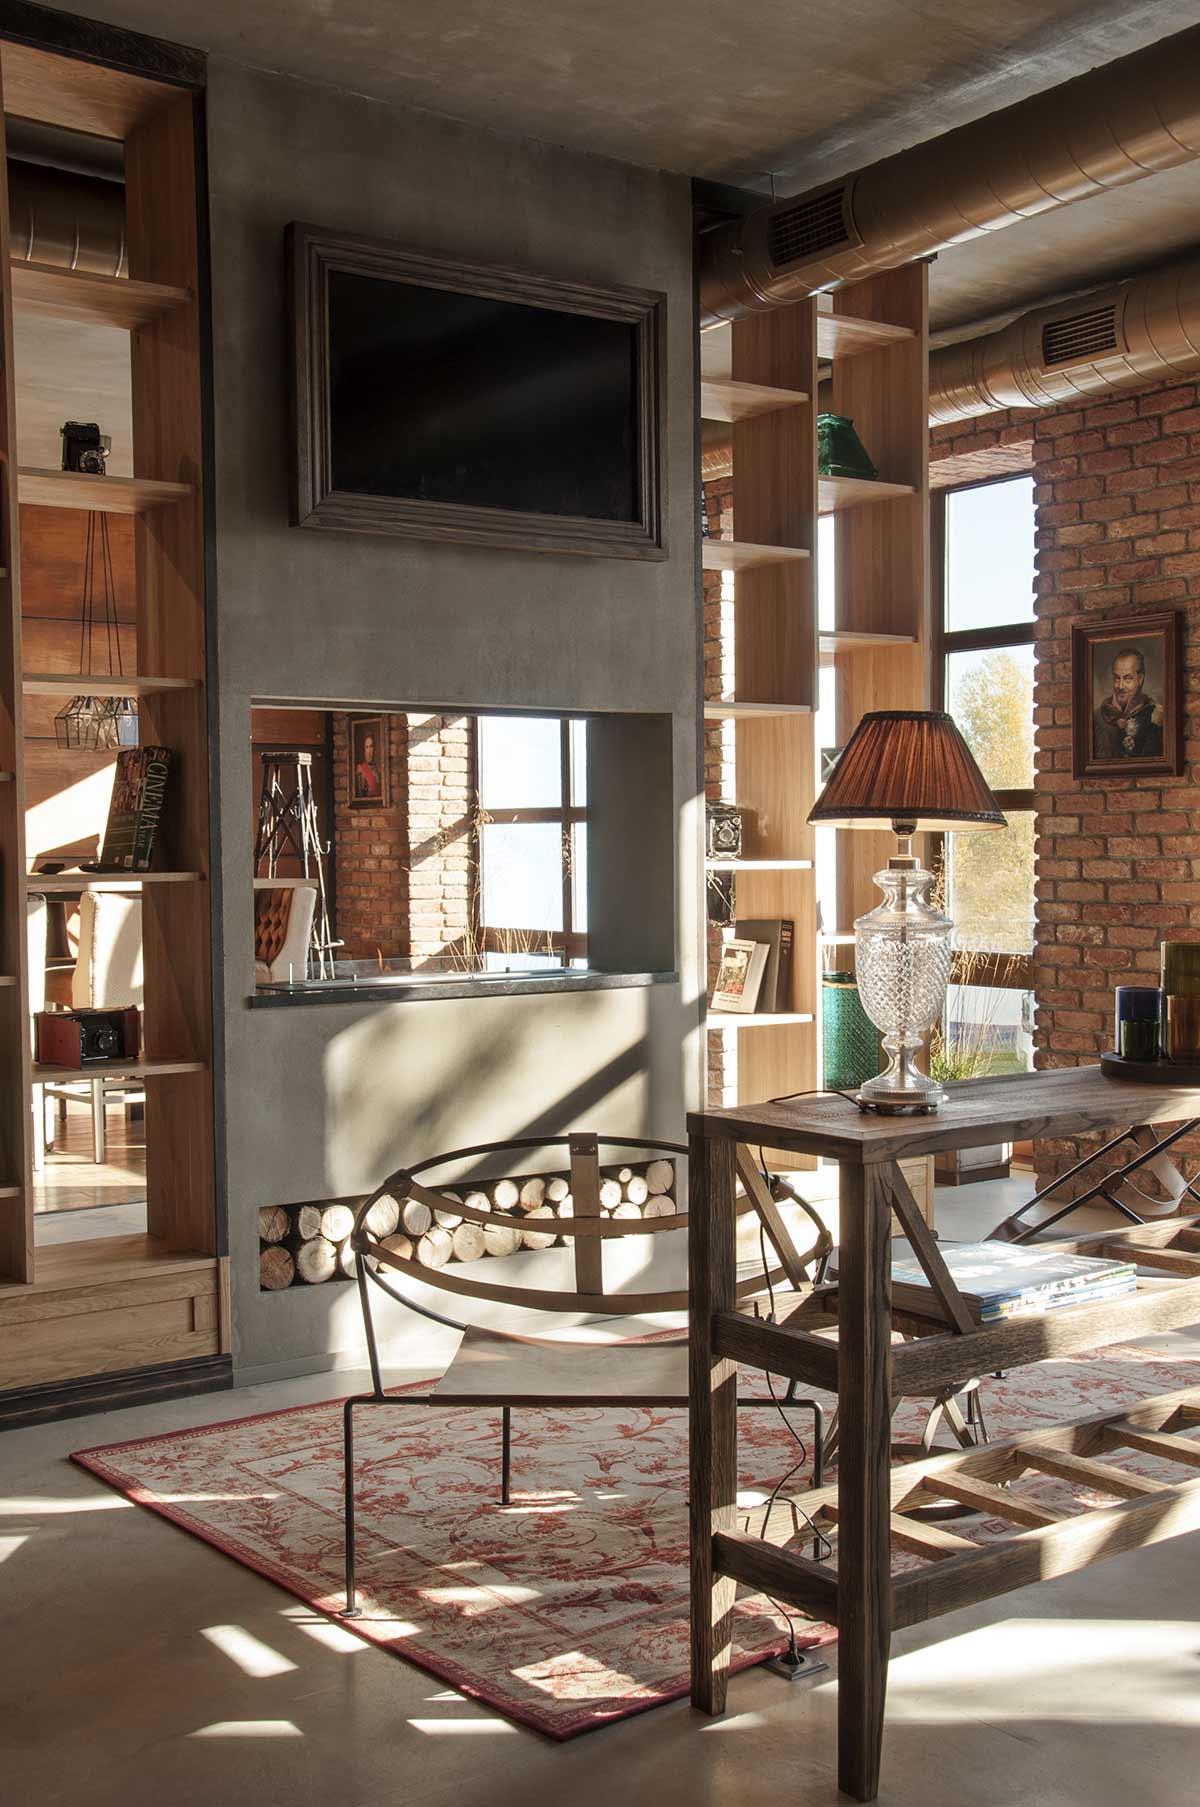 Muebles Francisco Segarra para el diseño de restaurantes.